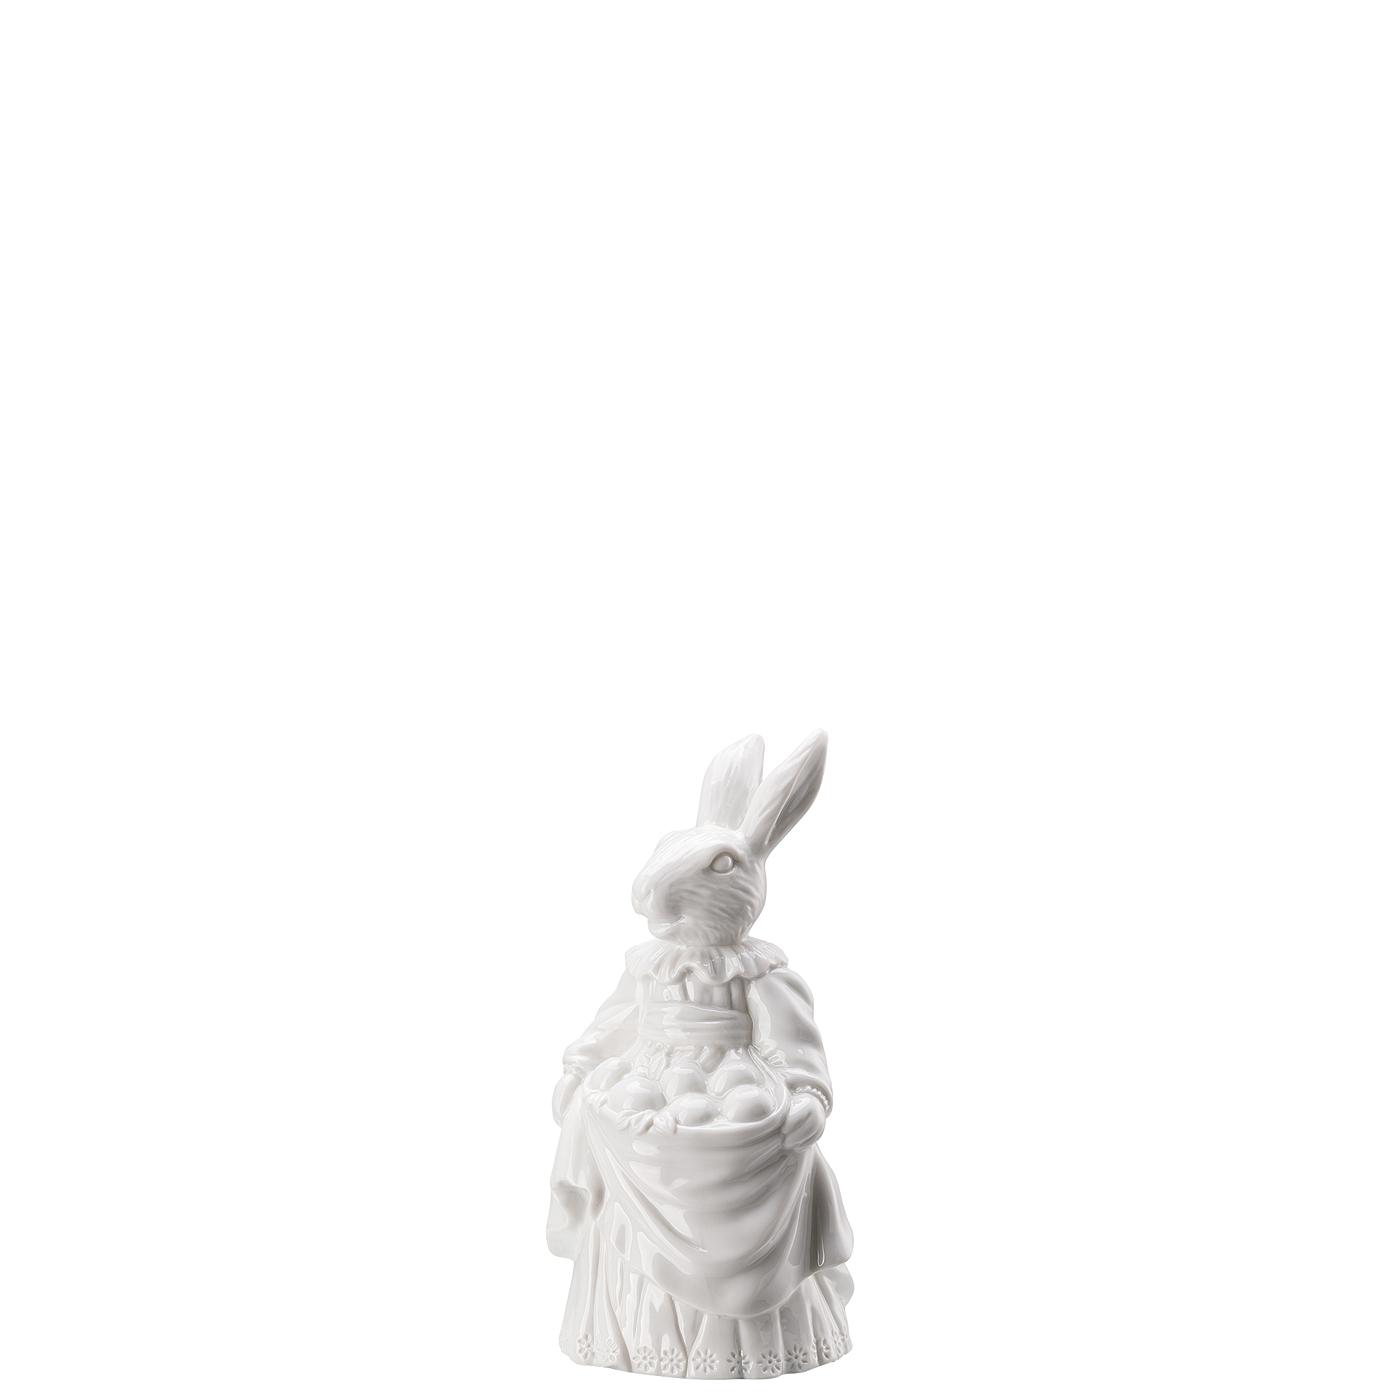 Hasenfrau mit Eiern Hasenfiguren Weiss Hutschenreuther